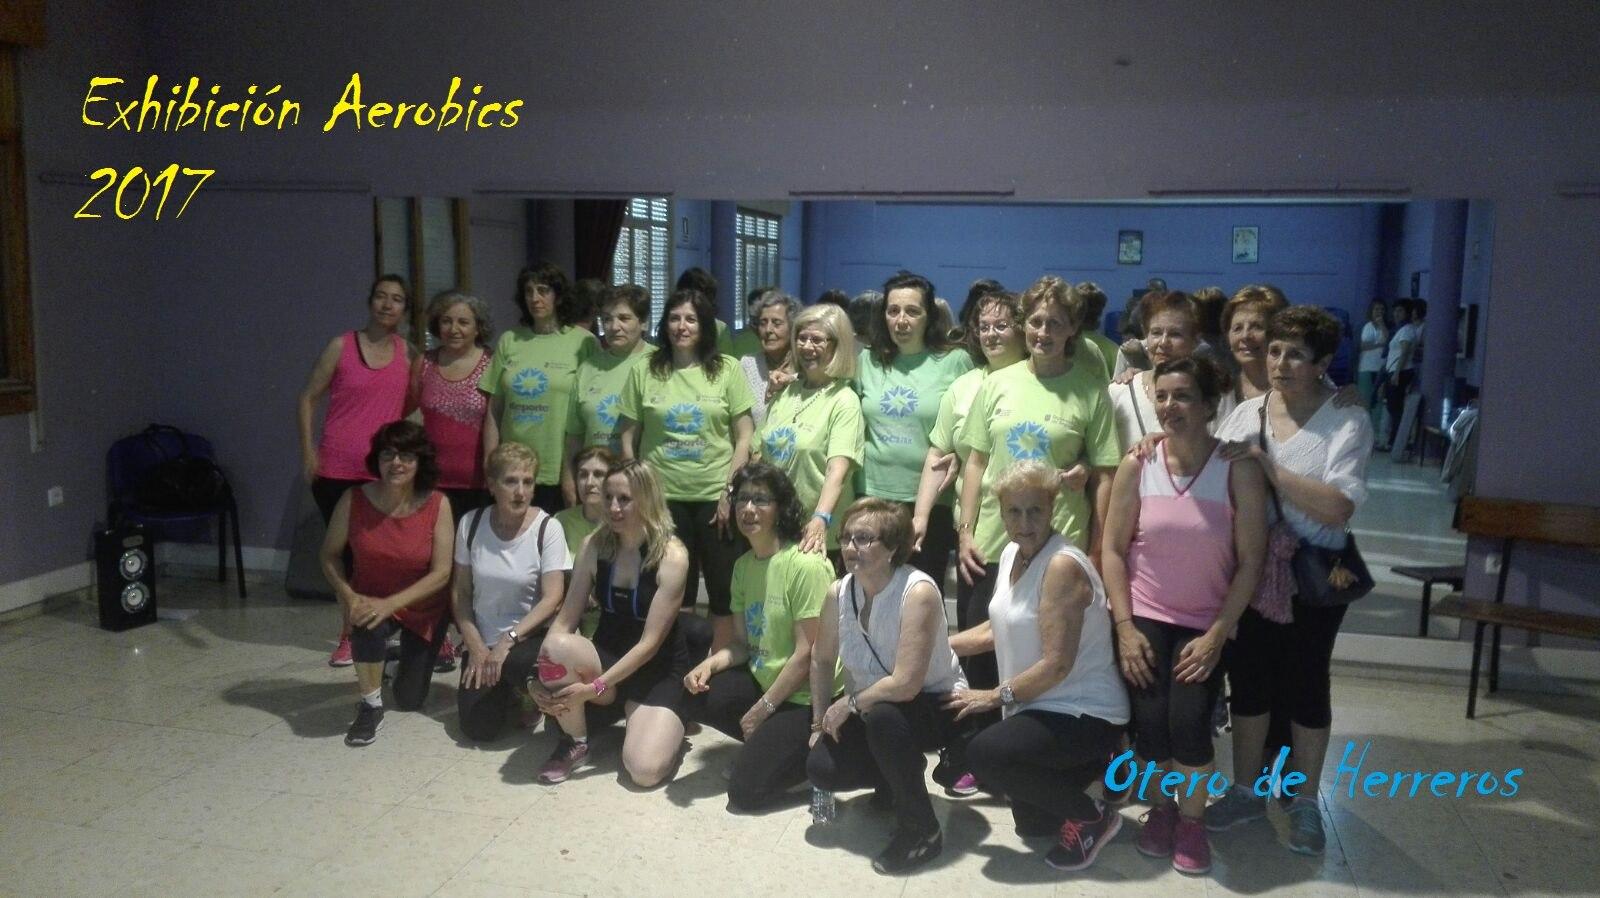 Exhibicion Aerobics (8)